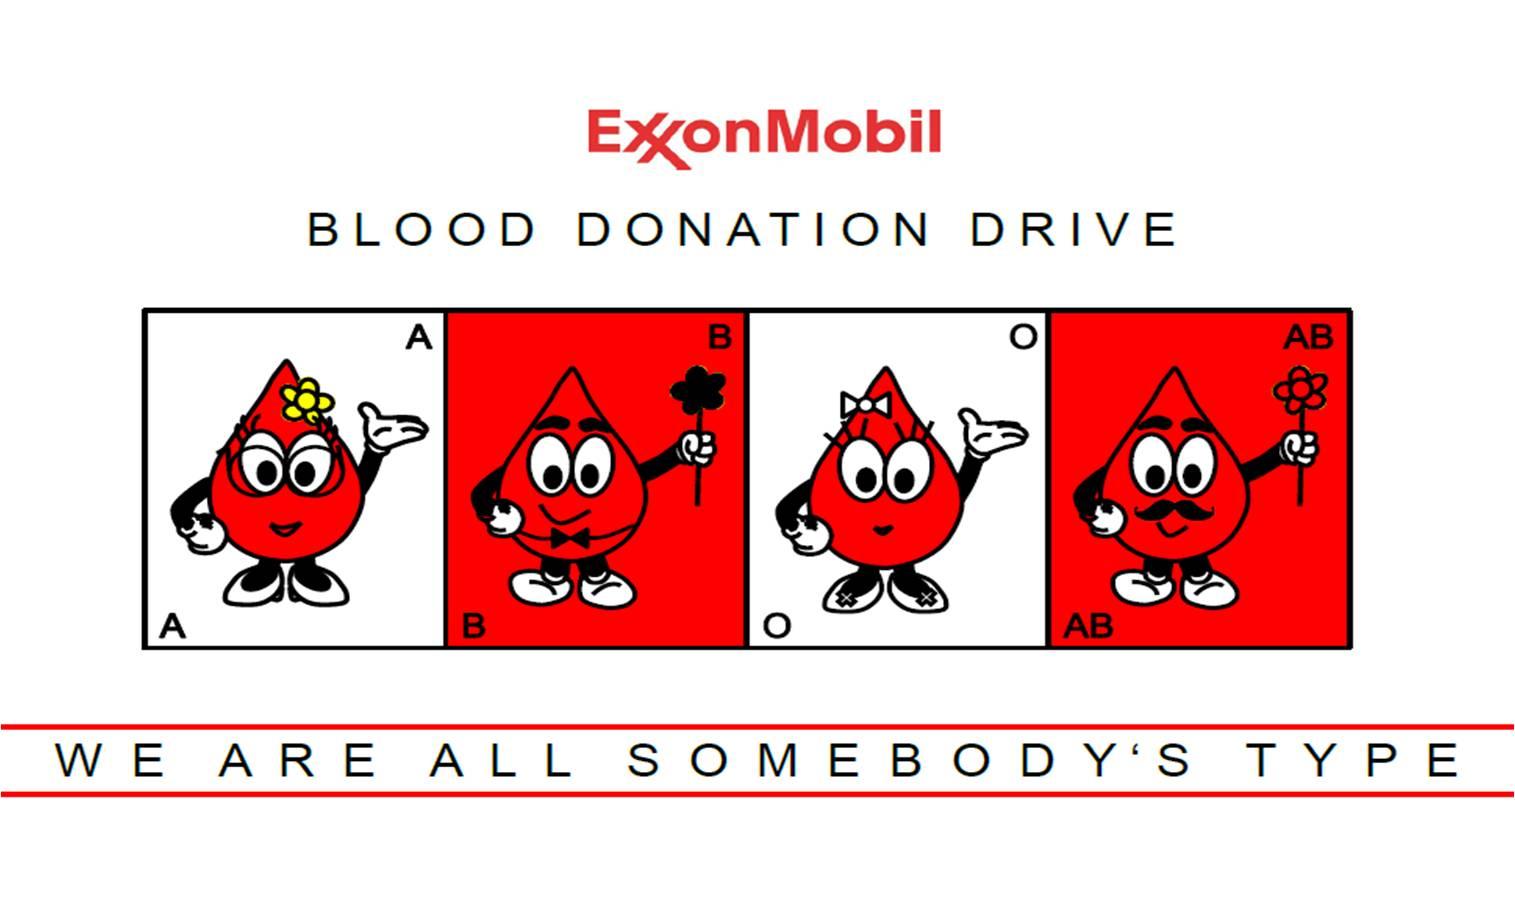 exxon mobil blood donation drive